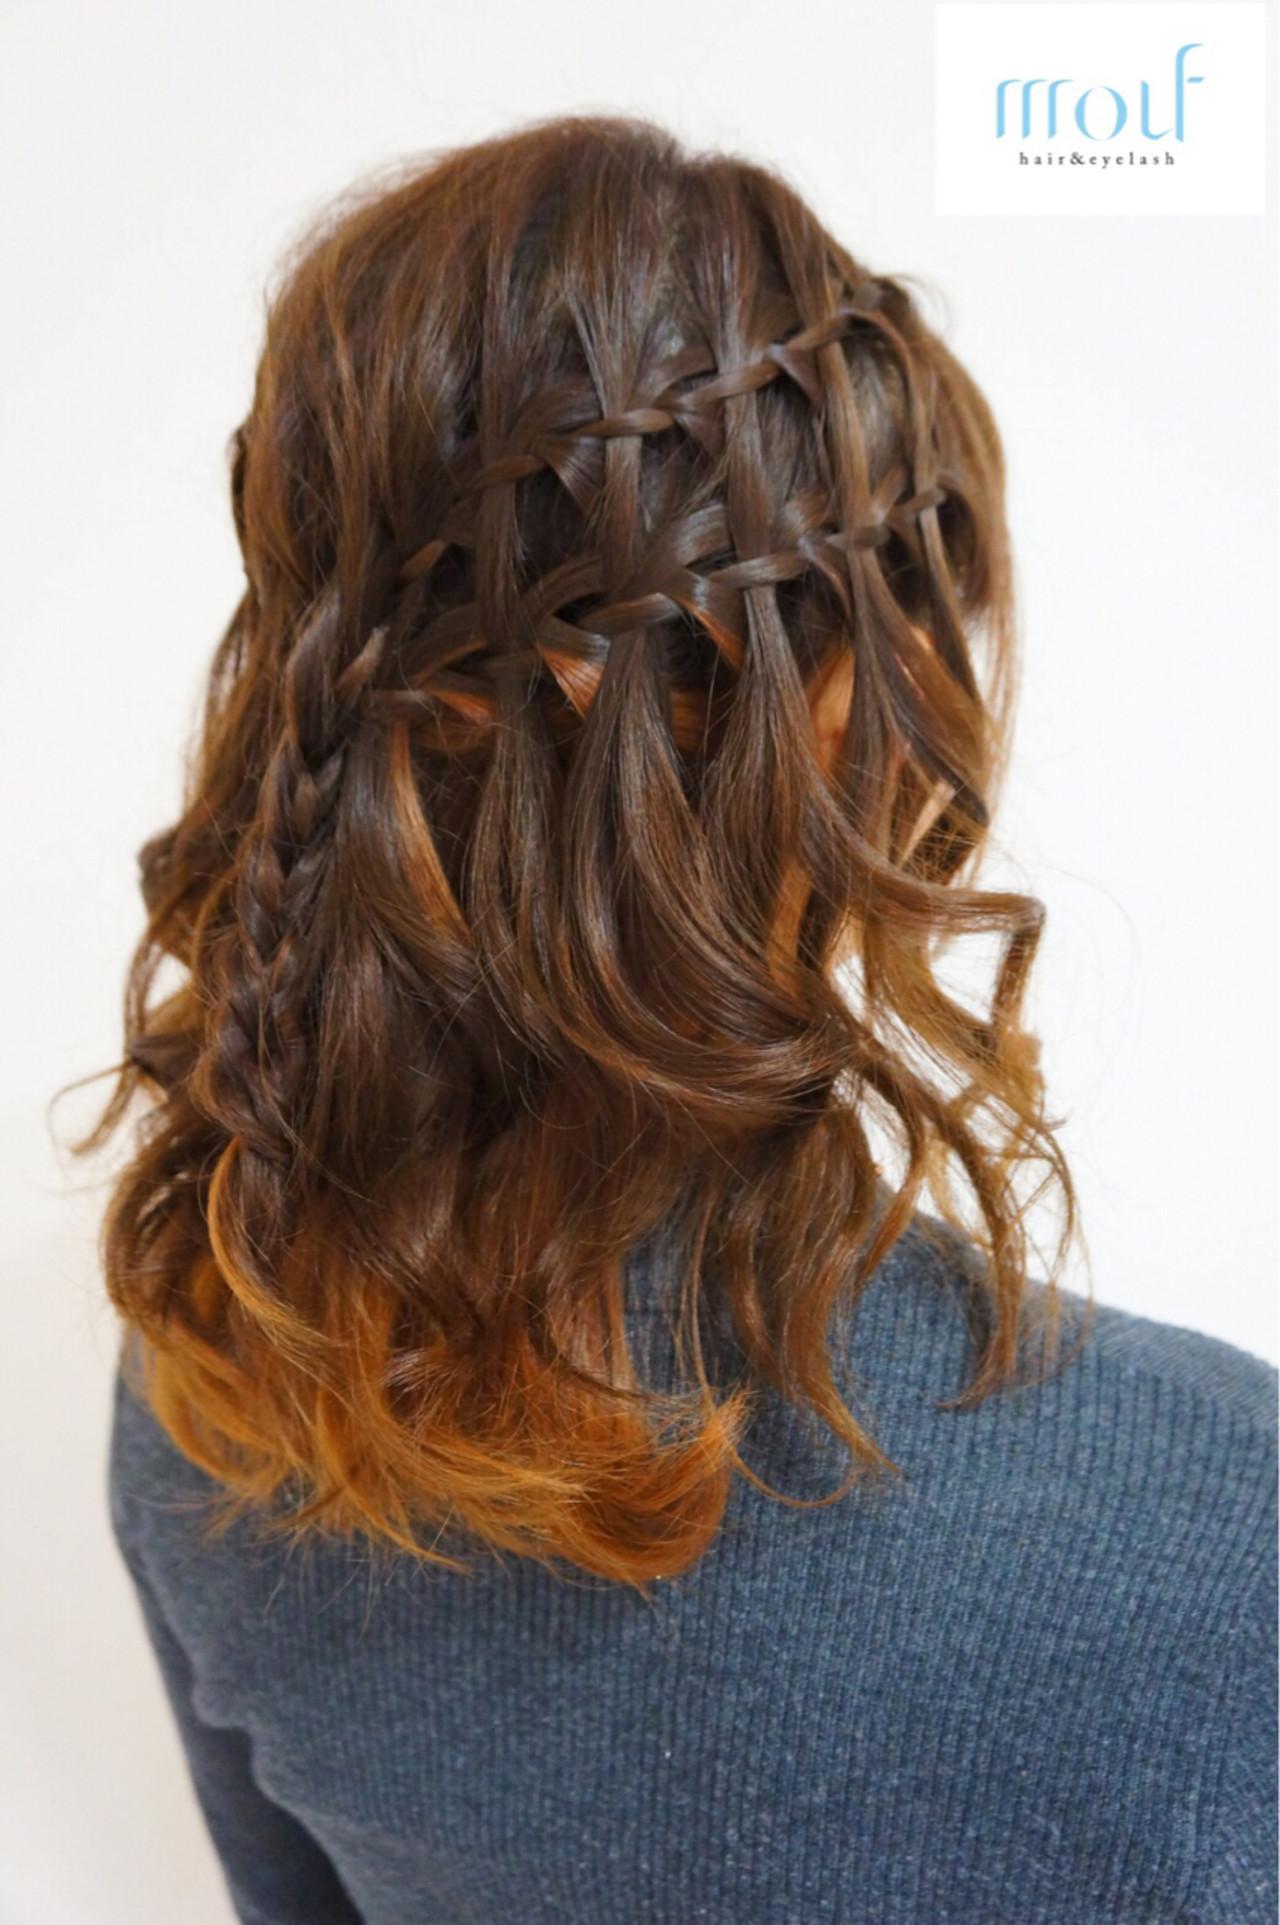 ダブルカラー ウォーターフォール ミディアム ハーフアップ ヘアスタイルや髪型の写真・画像